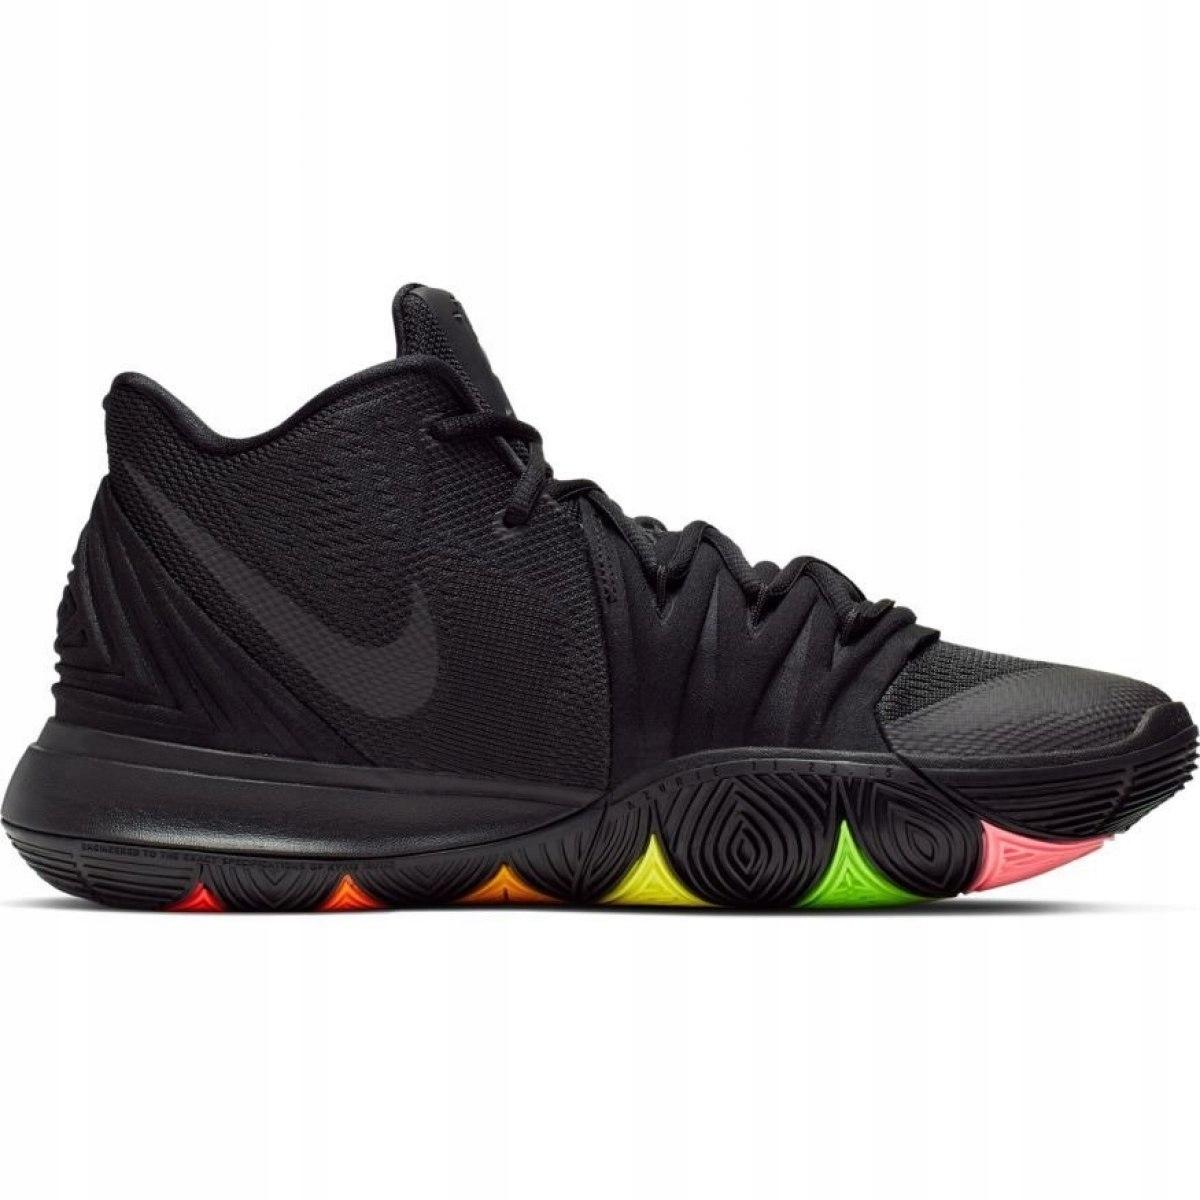 Buty Nike Kyrie 5 Rainbow Soles AO2918 001 46